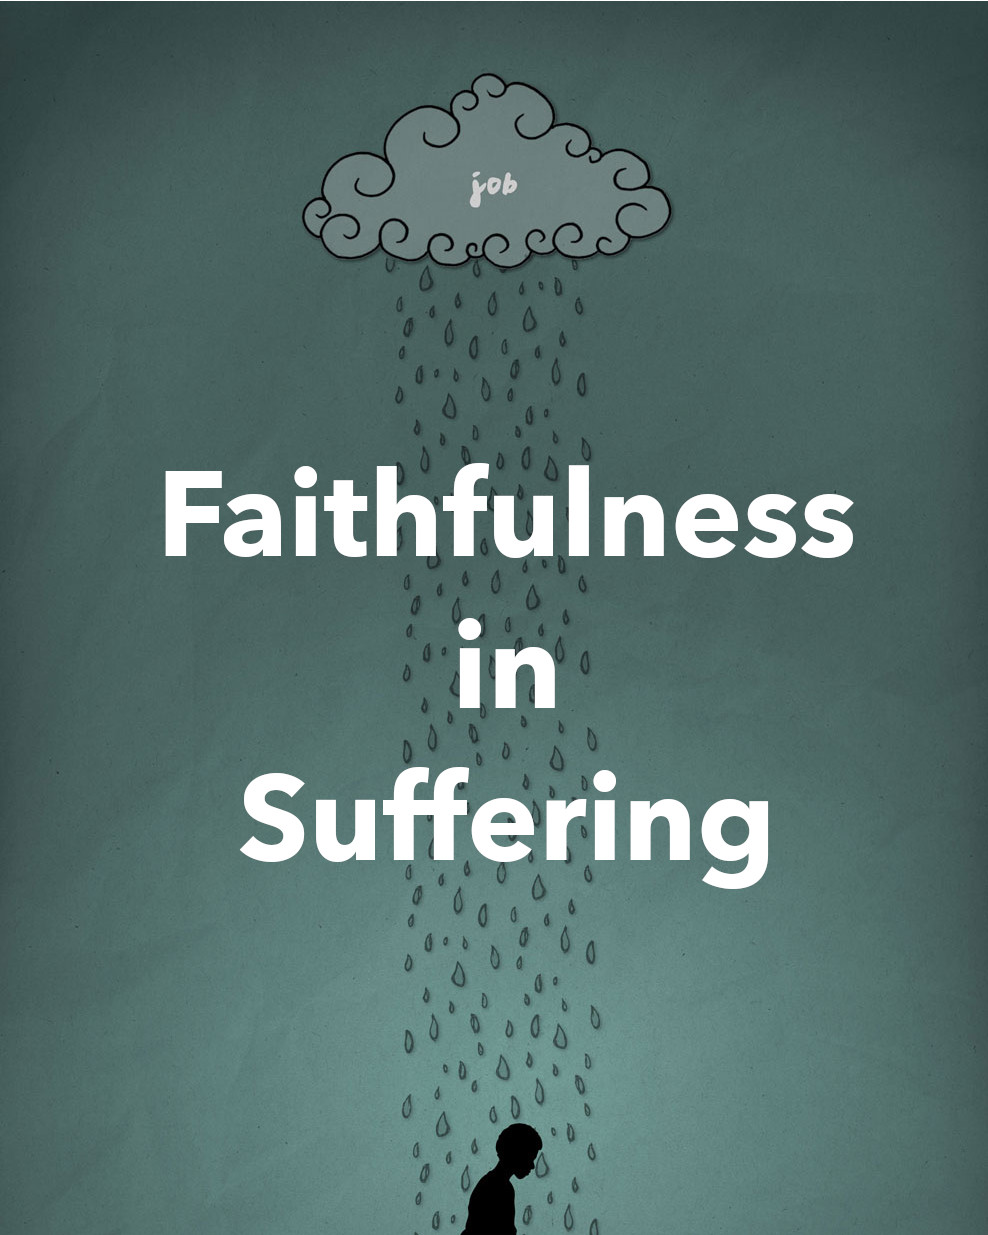 Faithfulness in Suffering